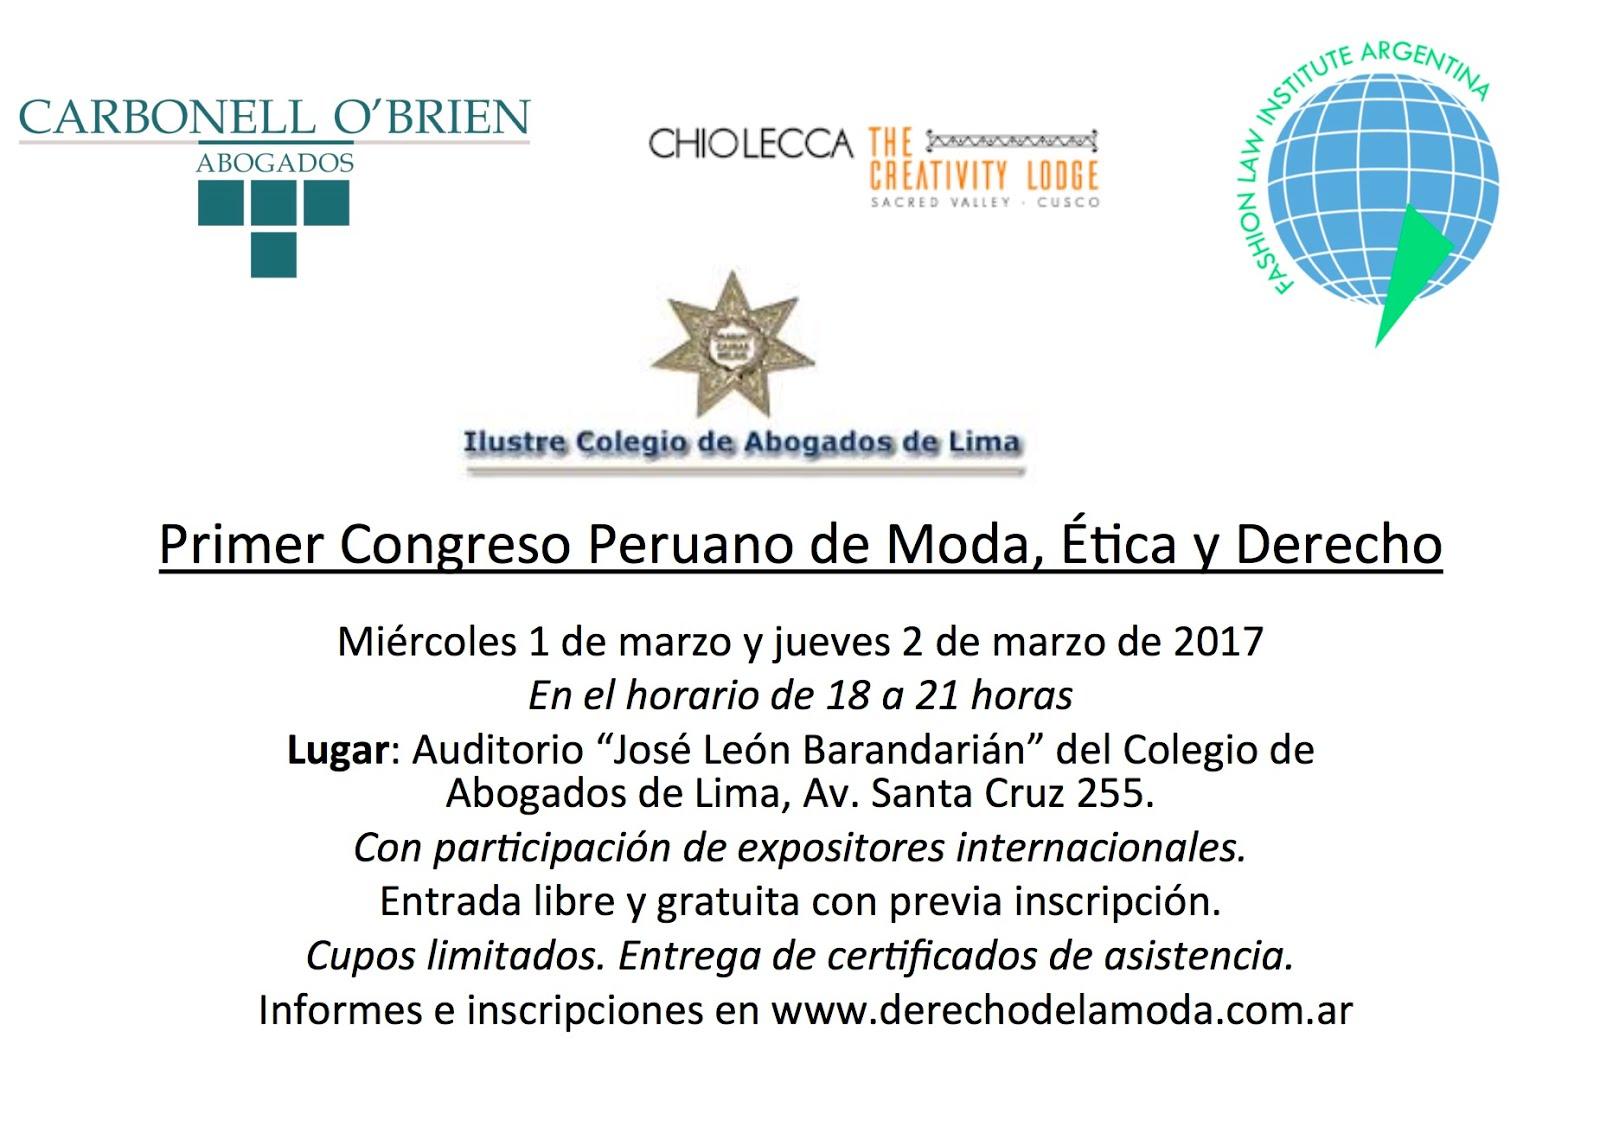 Primer Congreso Peruano de Moda, Etica y Derecho